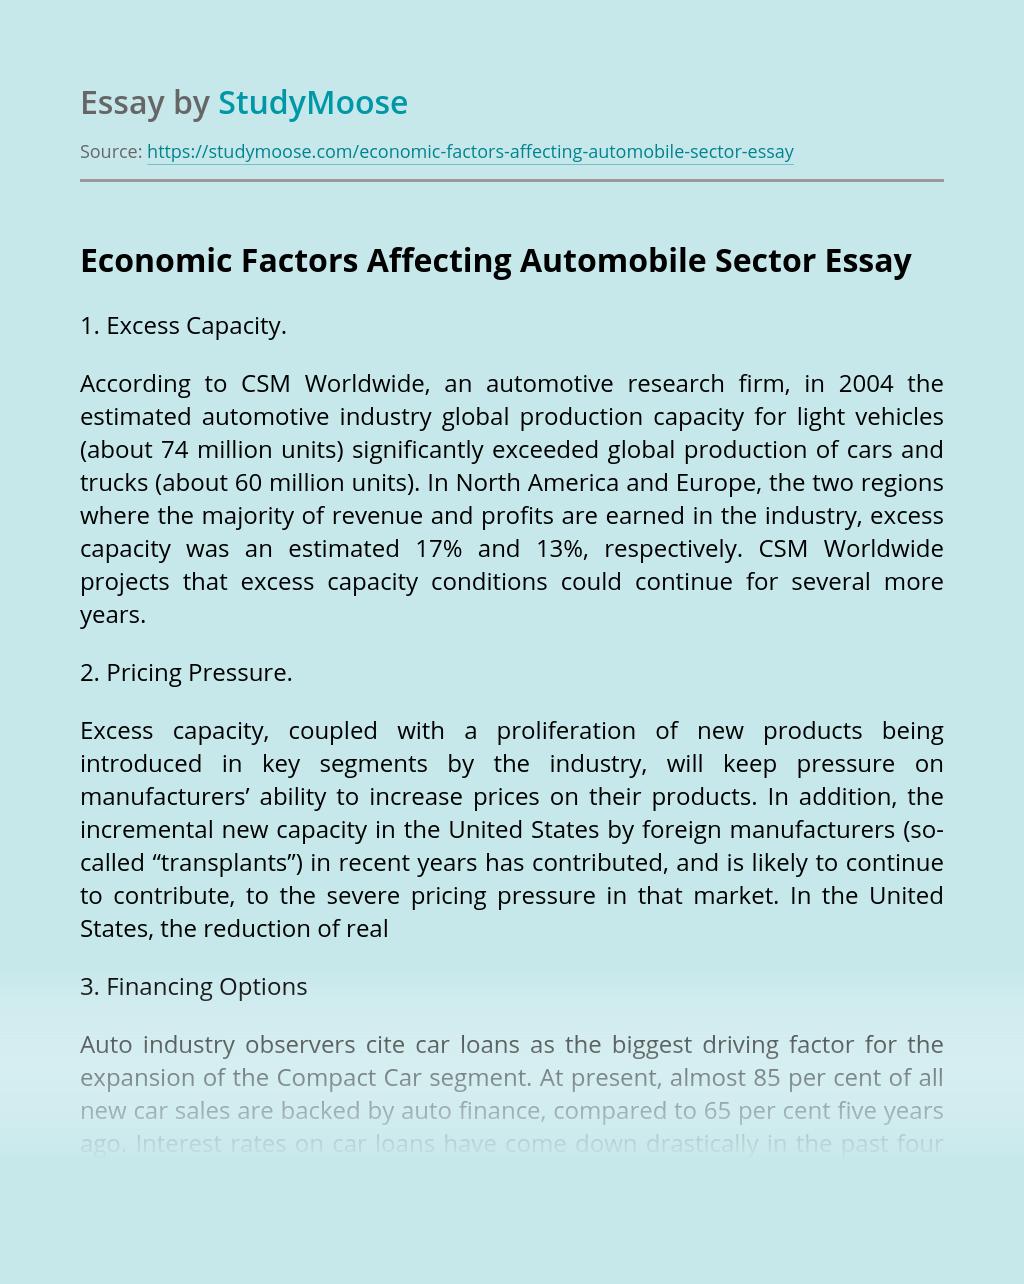 Economic Factors Affecting Automobile Sector